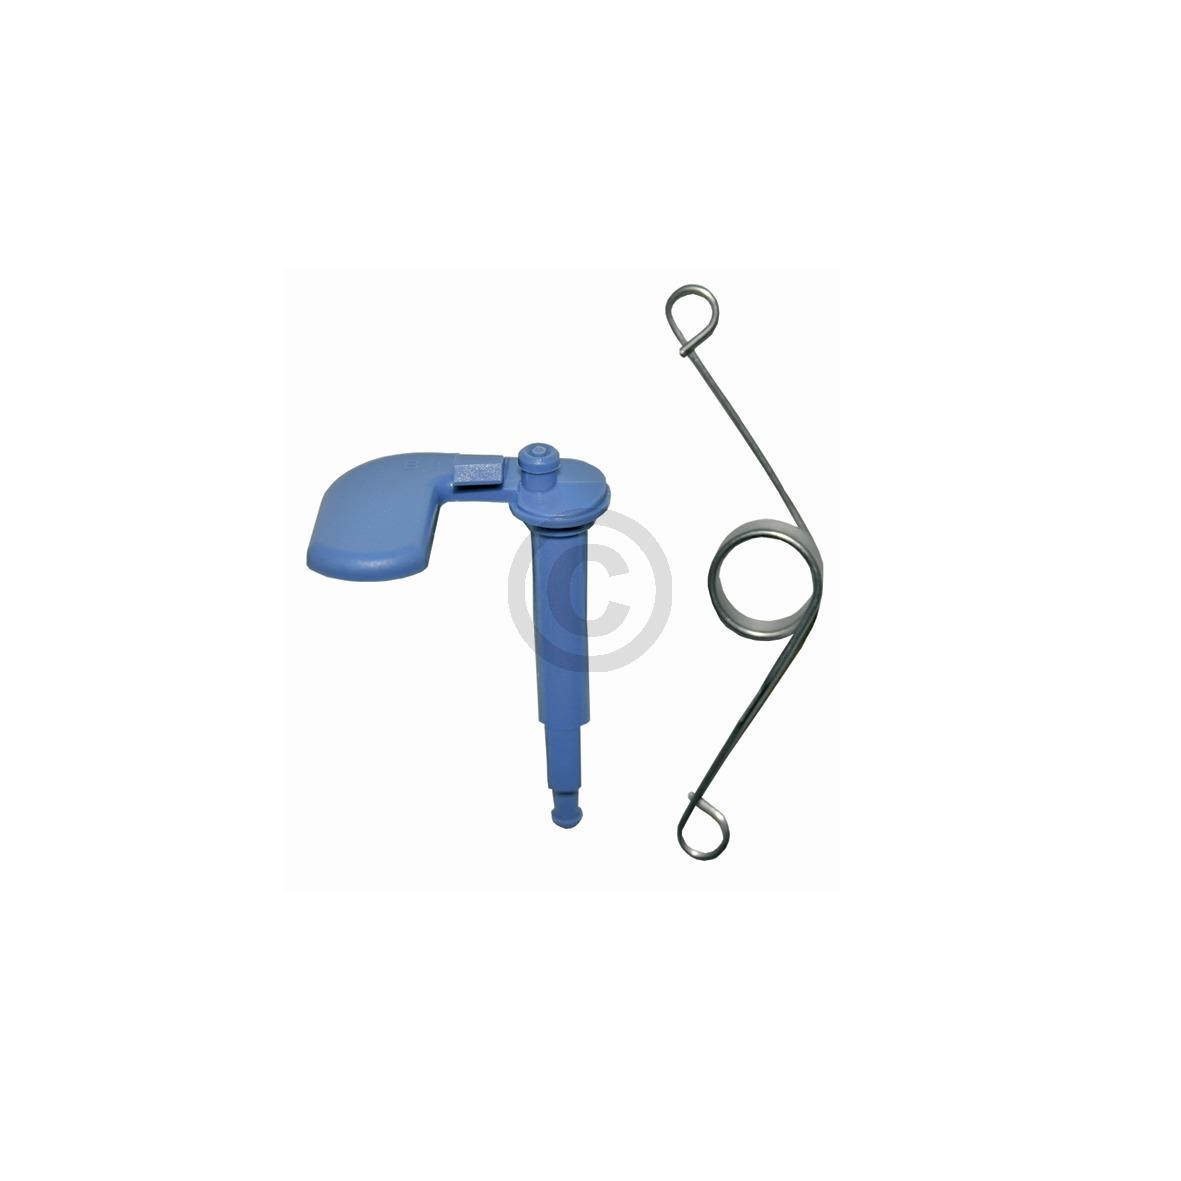 Auslöser für Dosierkombination 00166630 166630 Bauknecht, Whirlpool, Ikea